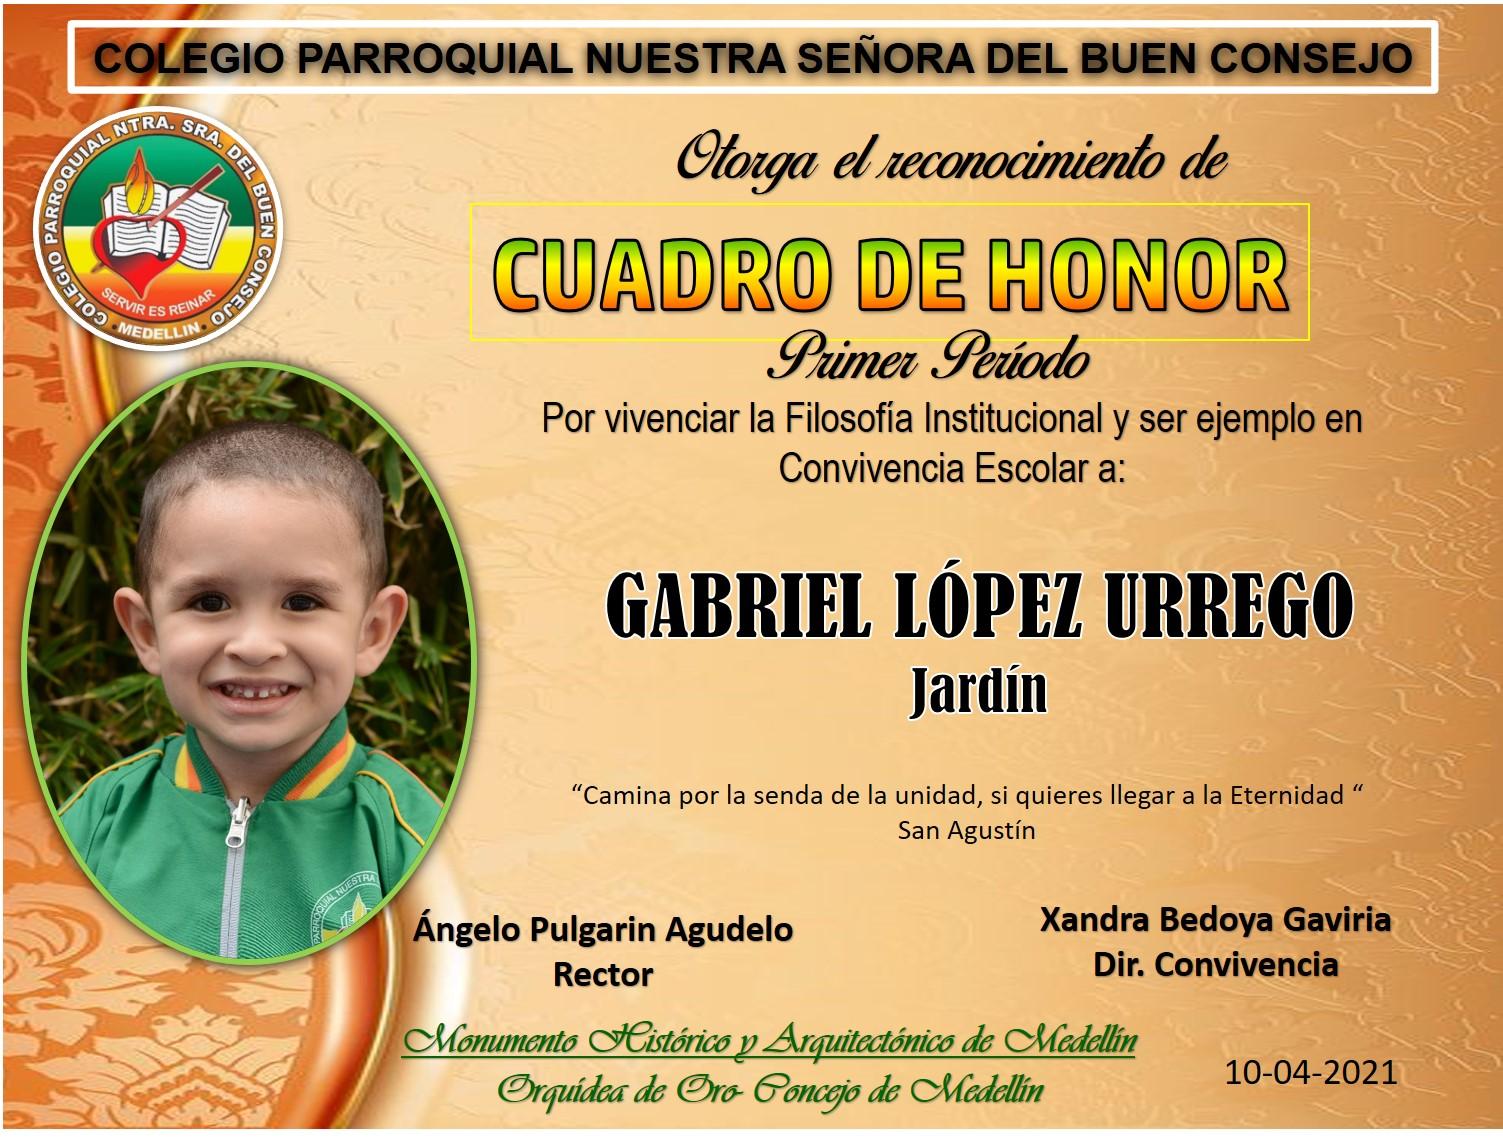 GABRIEL LÓPEZ URREGO -JARDÍN